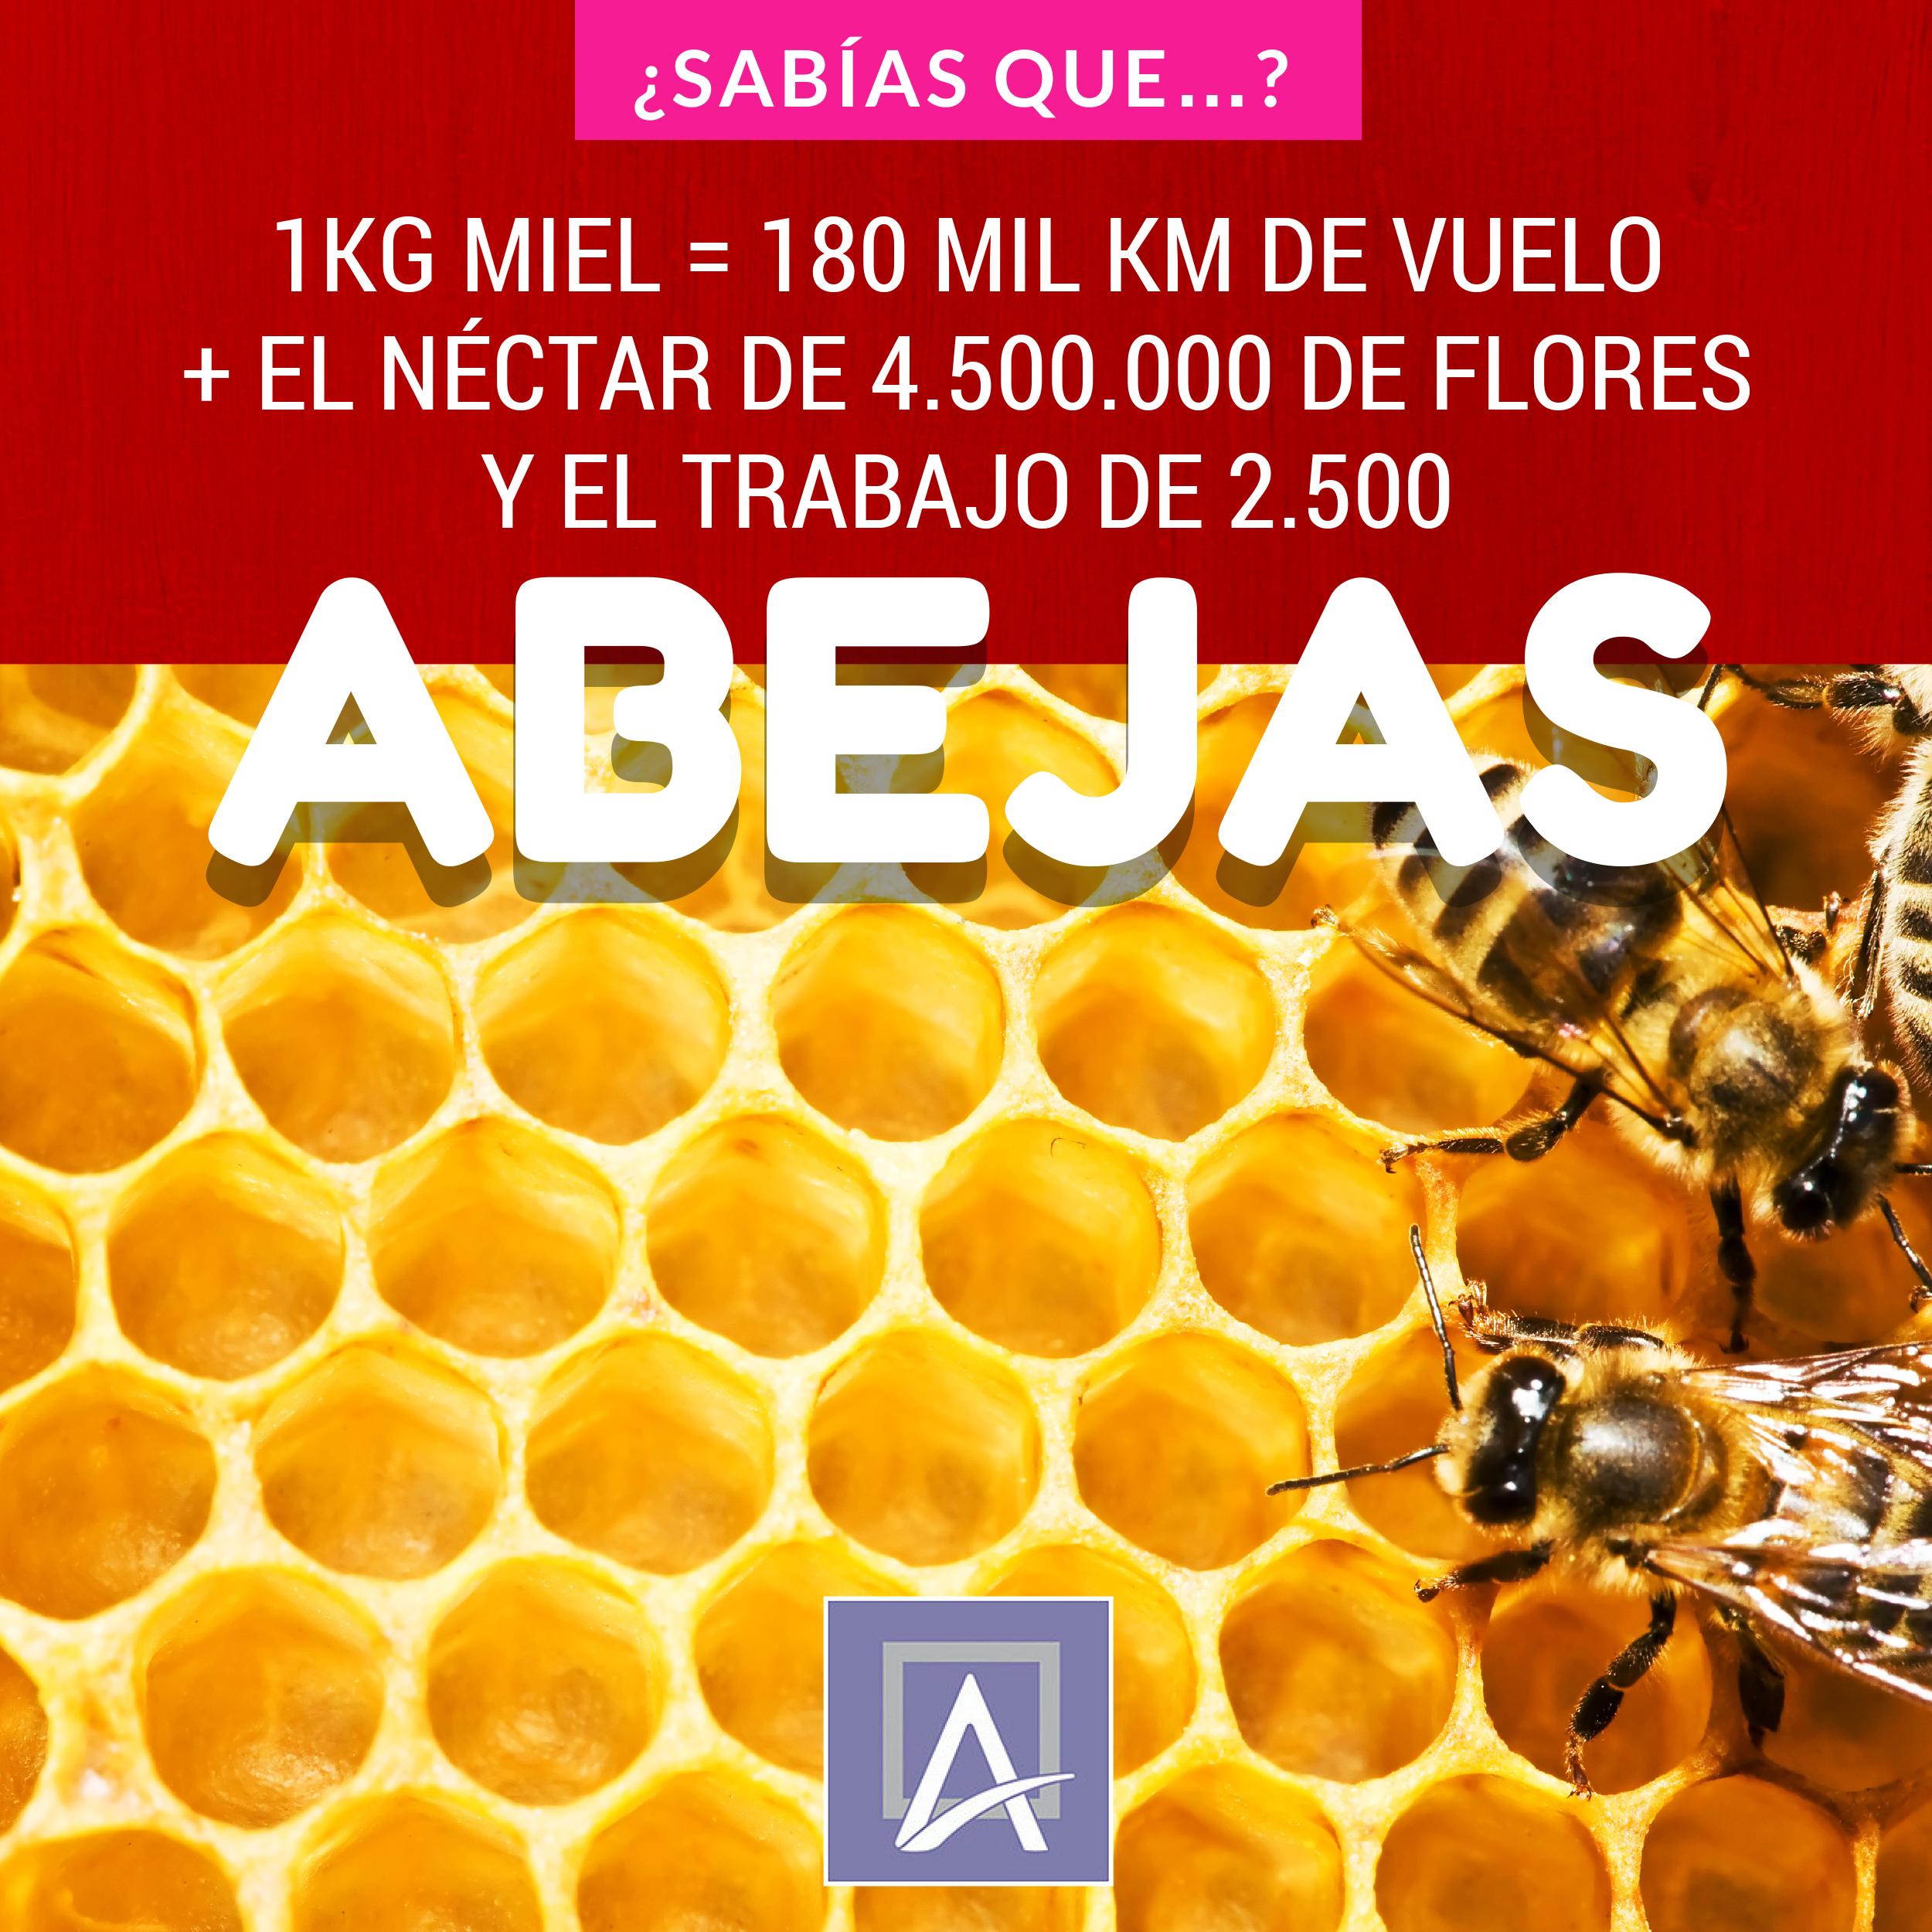 La importancia de las abejas en el medio ambiente